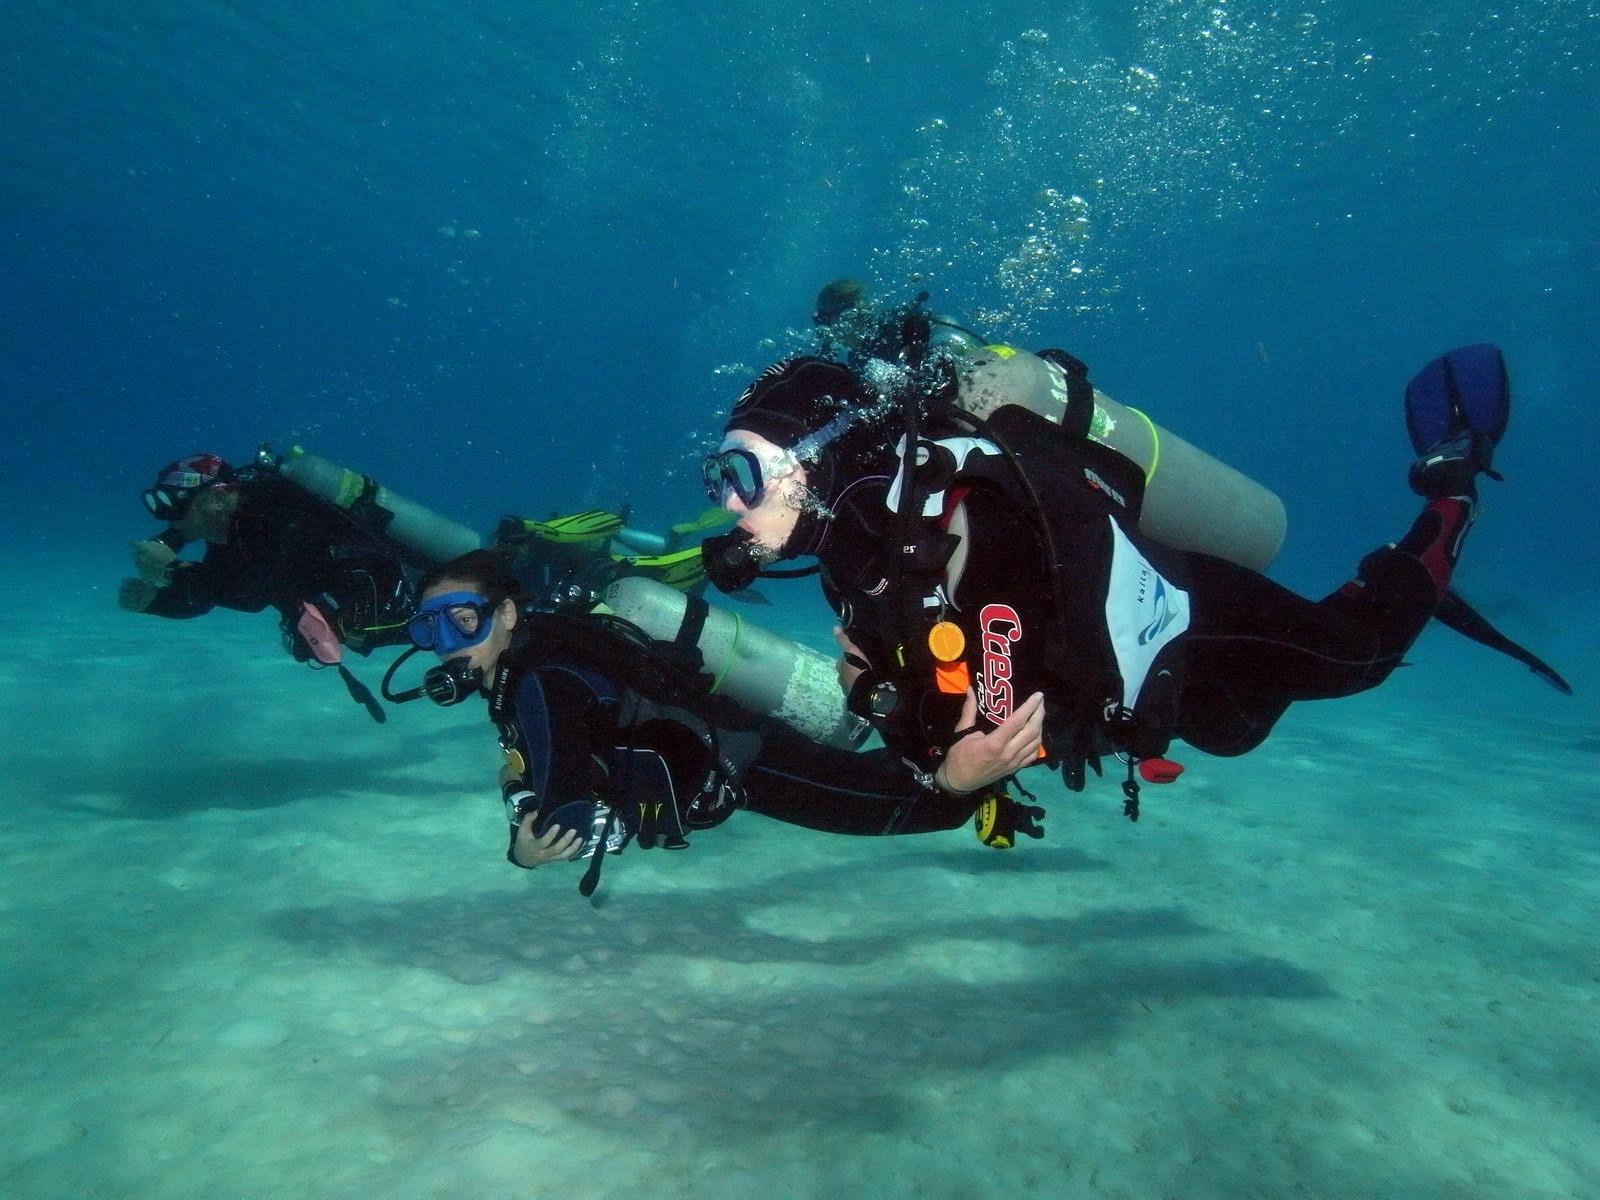 Erkunden der Unterwasserwelt - Tauchen lernen